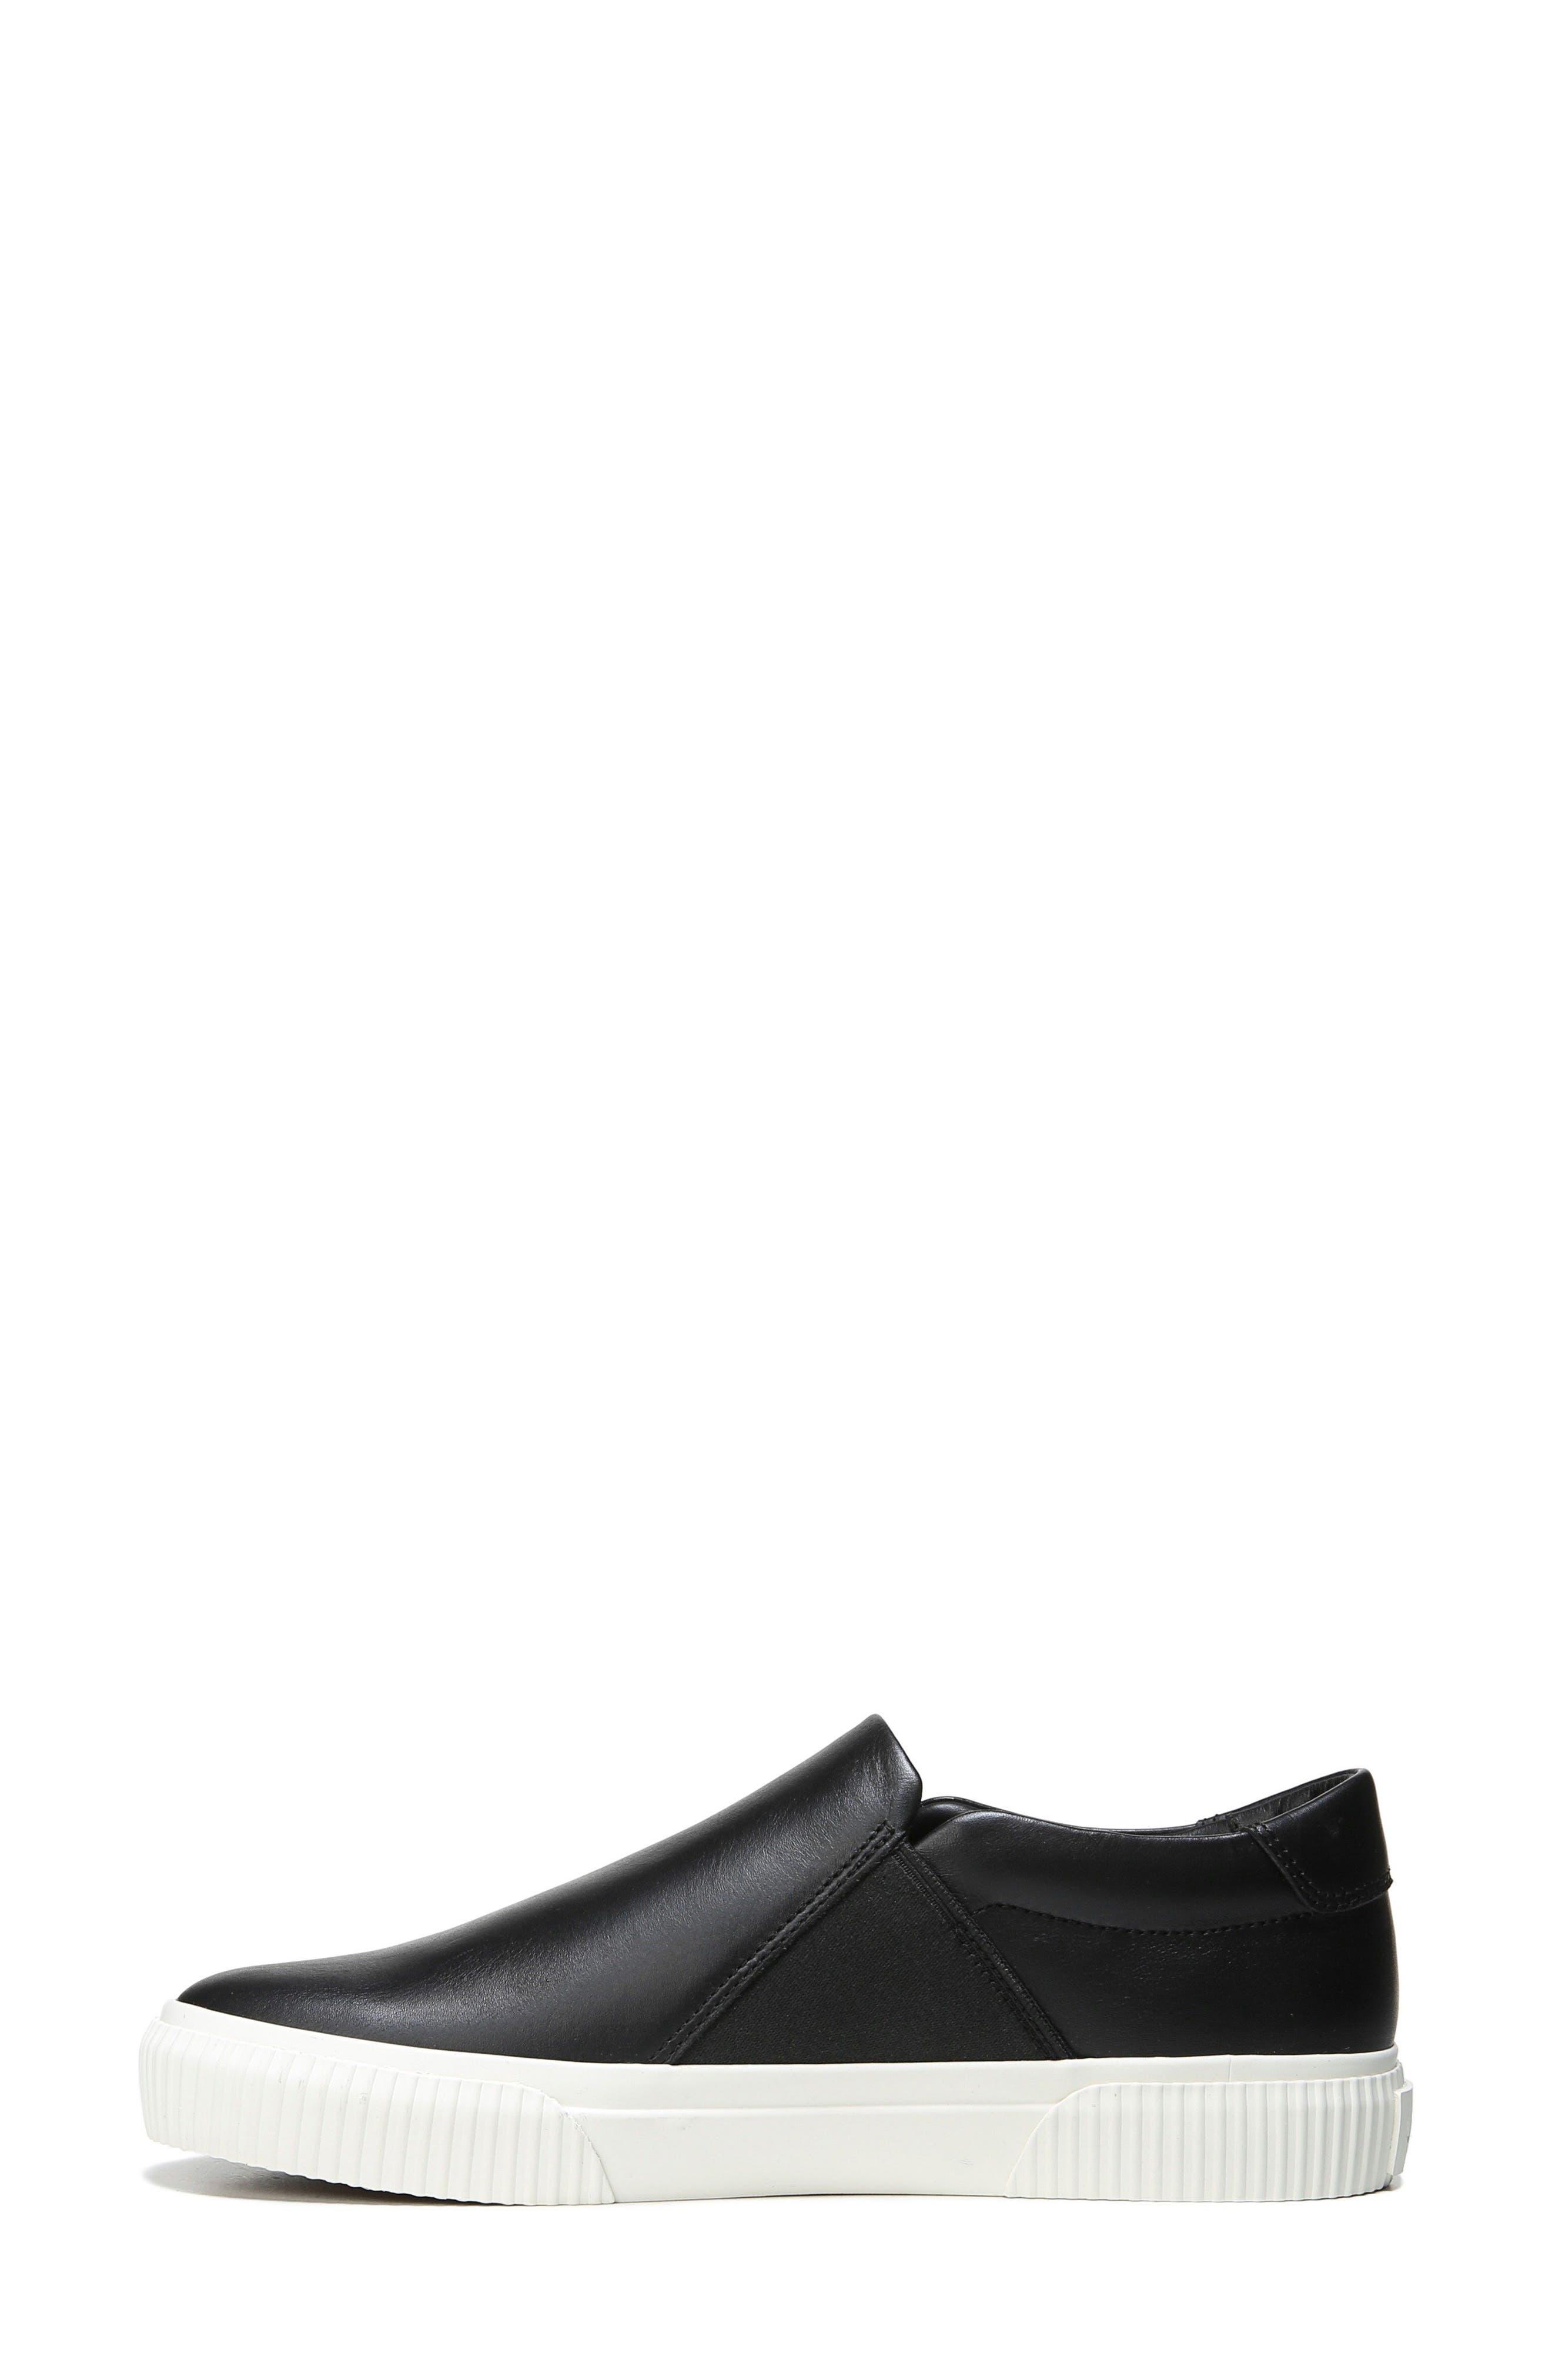 Knox Slip-On Sneaker,                             Alternate thumbnail 3, color,                             001